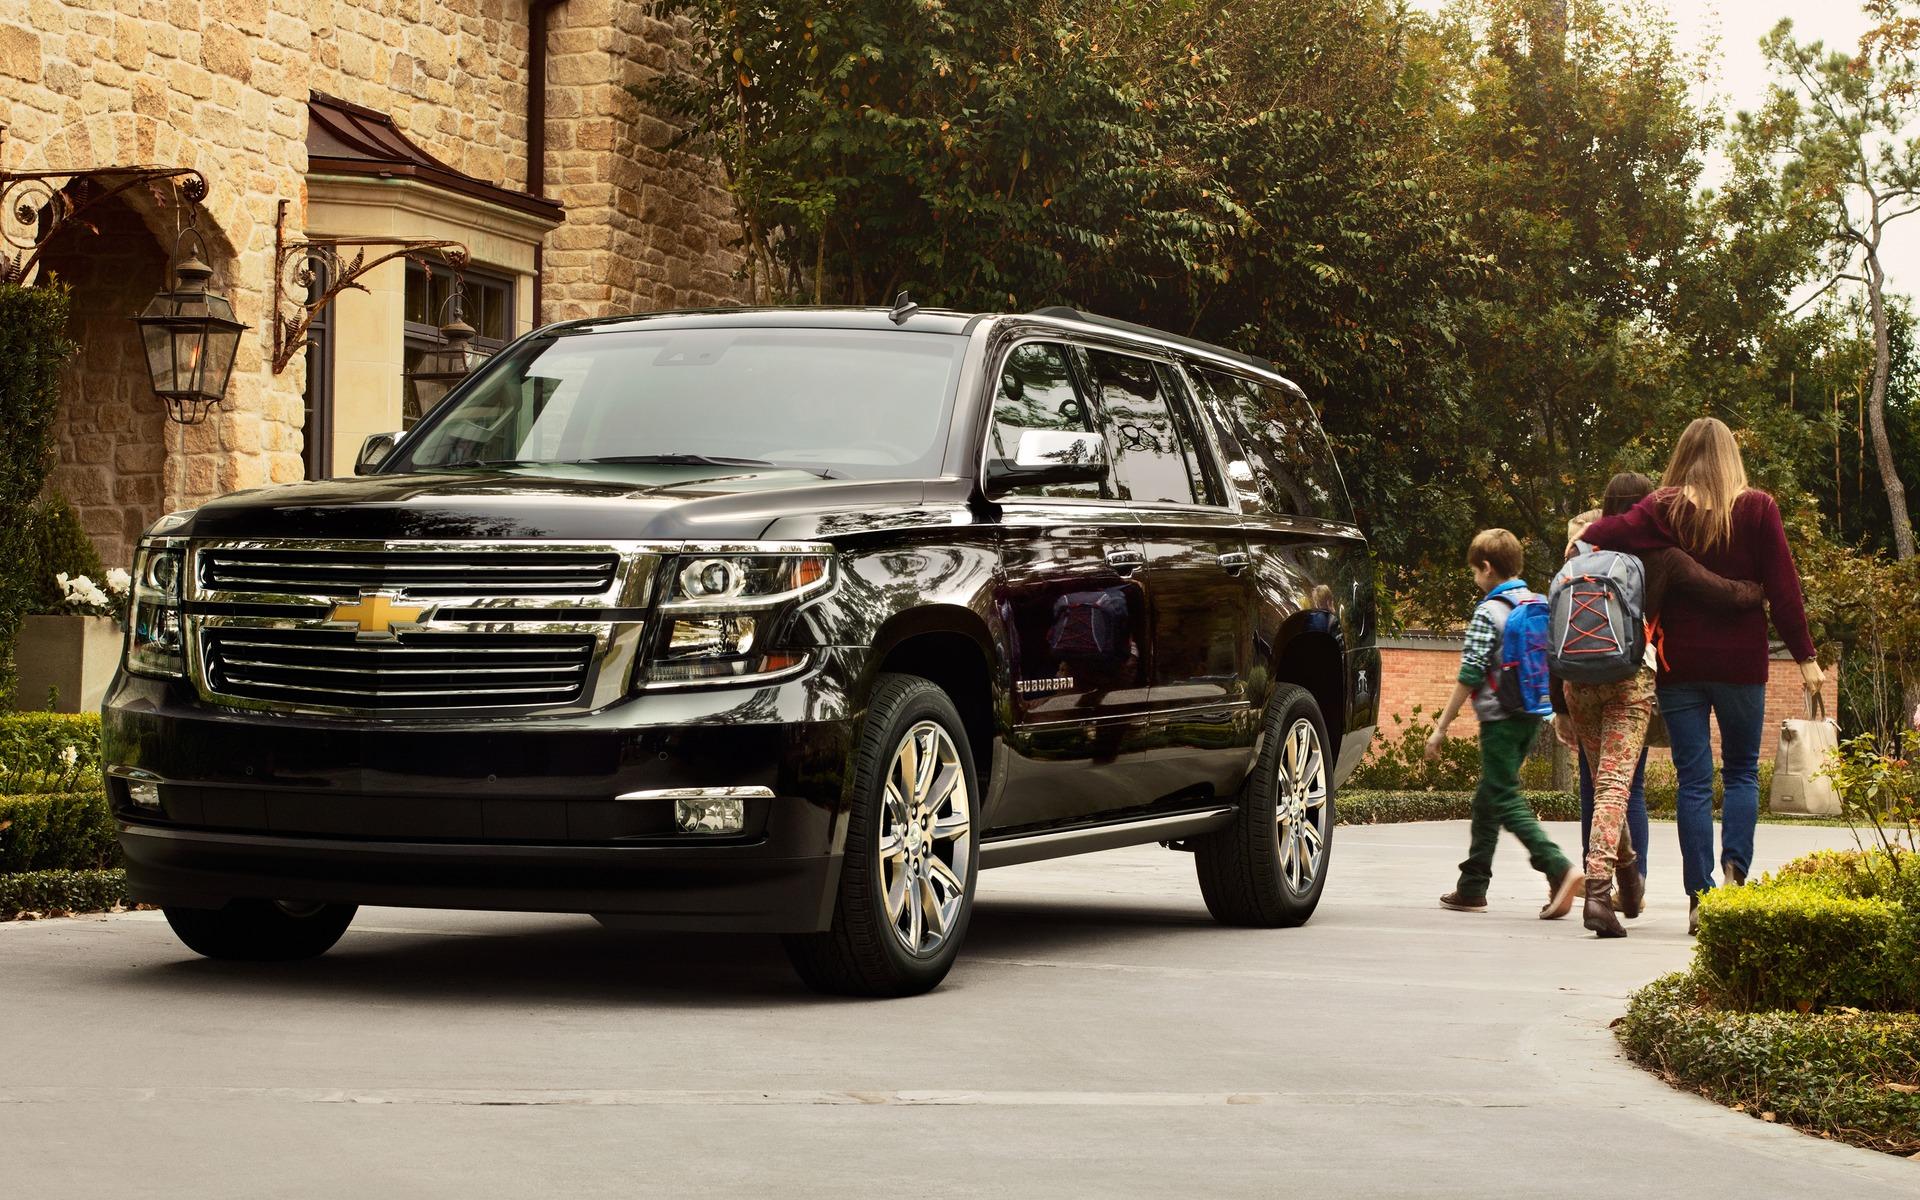 Kelebihan Kekurangan Chevrolet Suburban Harga